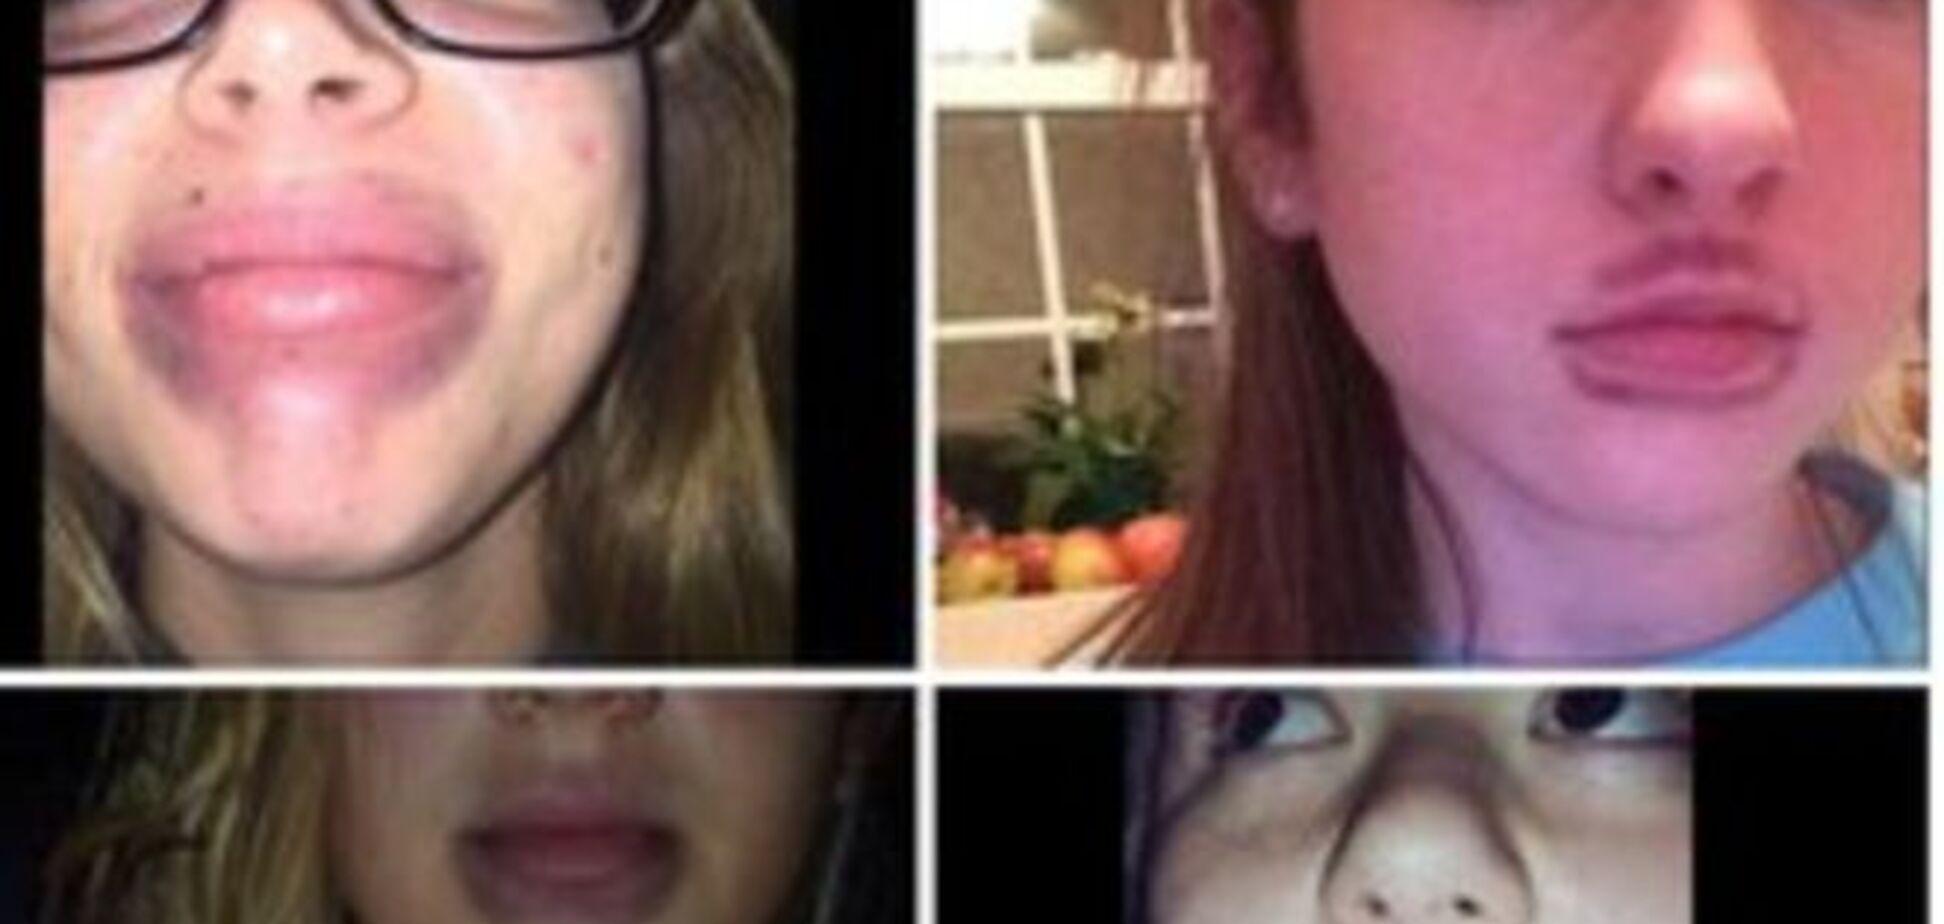 Губы, как у Кардашьян: ужасная процедура, на которую идут юные фанатки